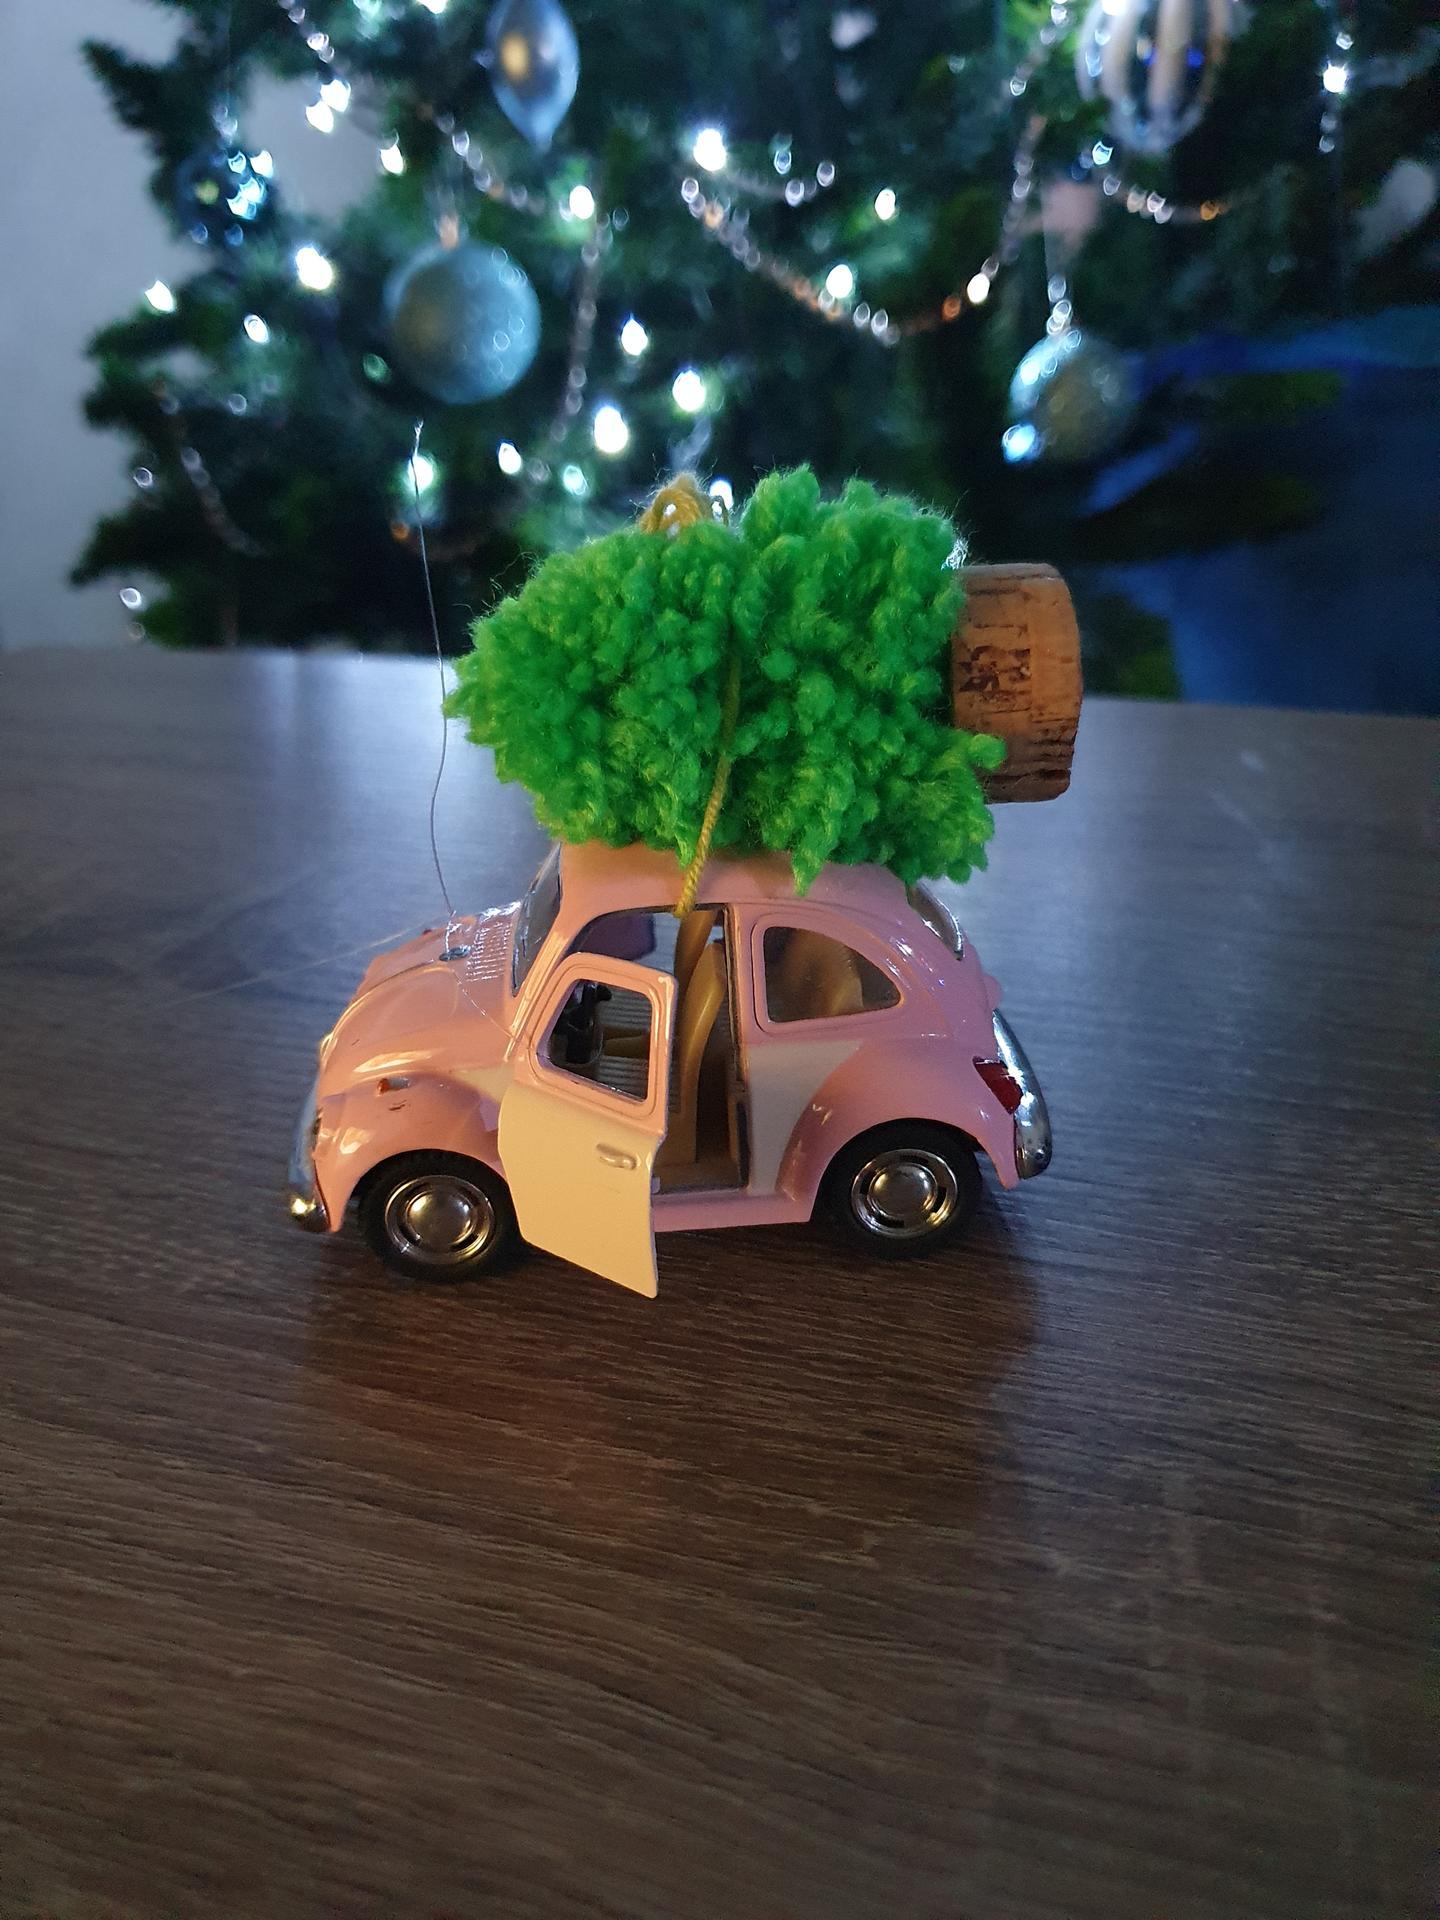 Vianočné dekorácie/Vianočná inšpirácia - Obrázok č. 11